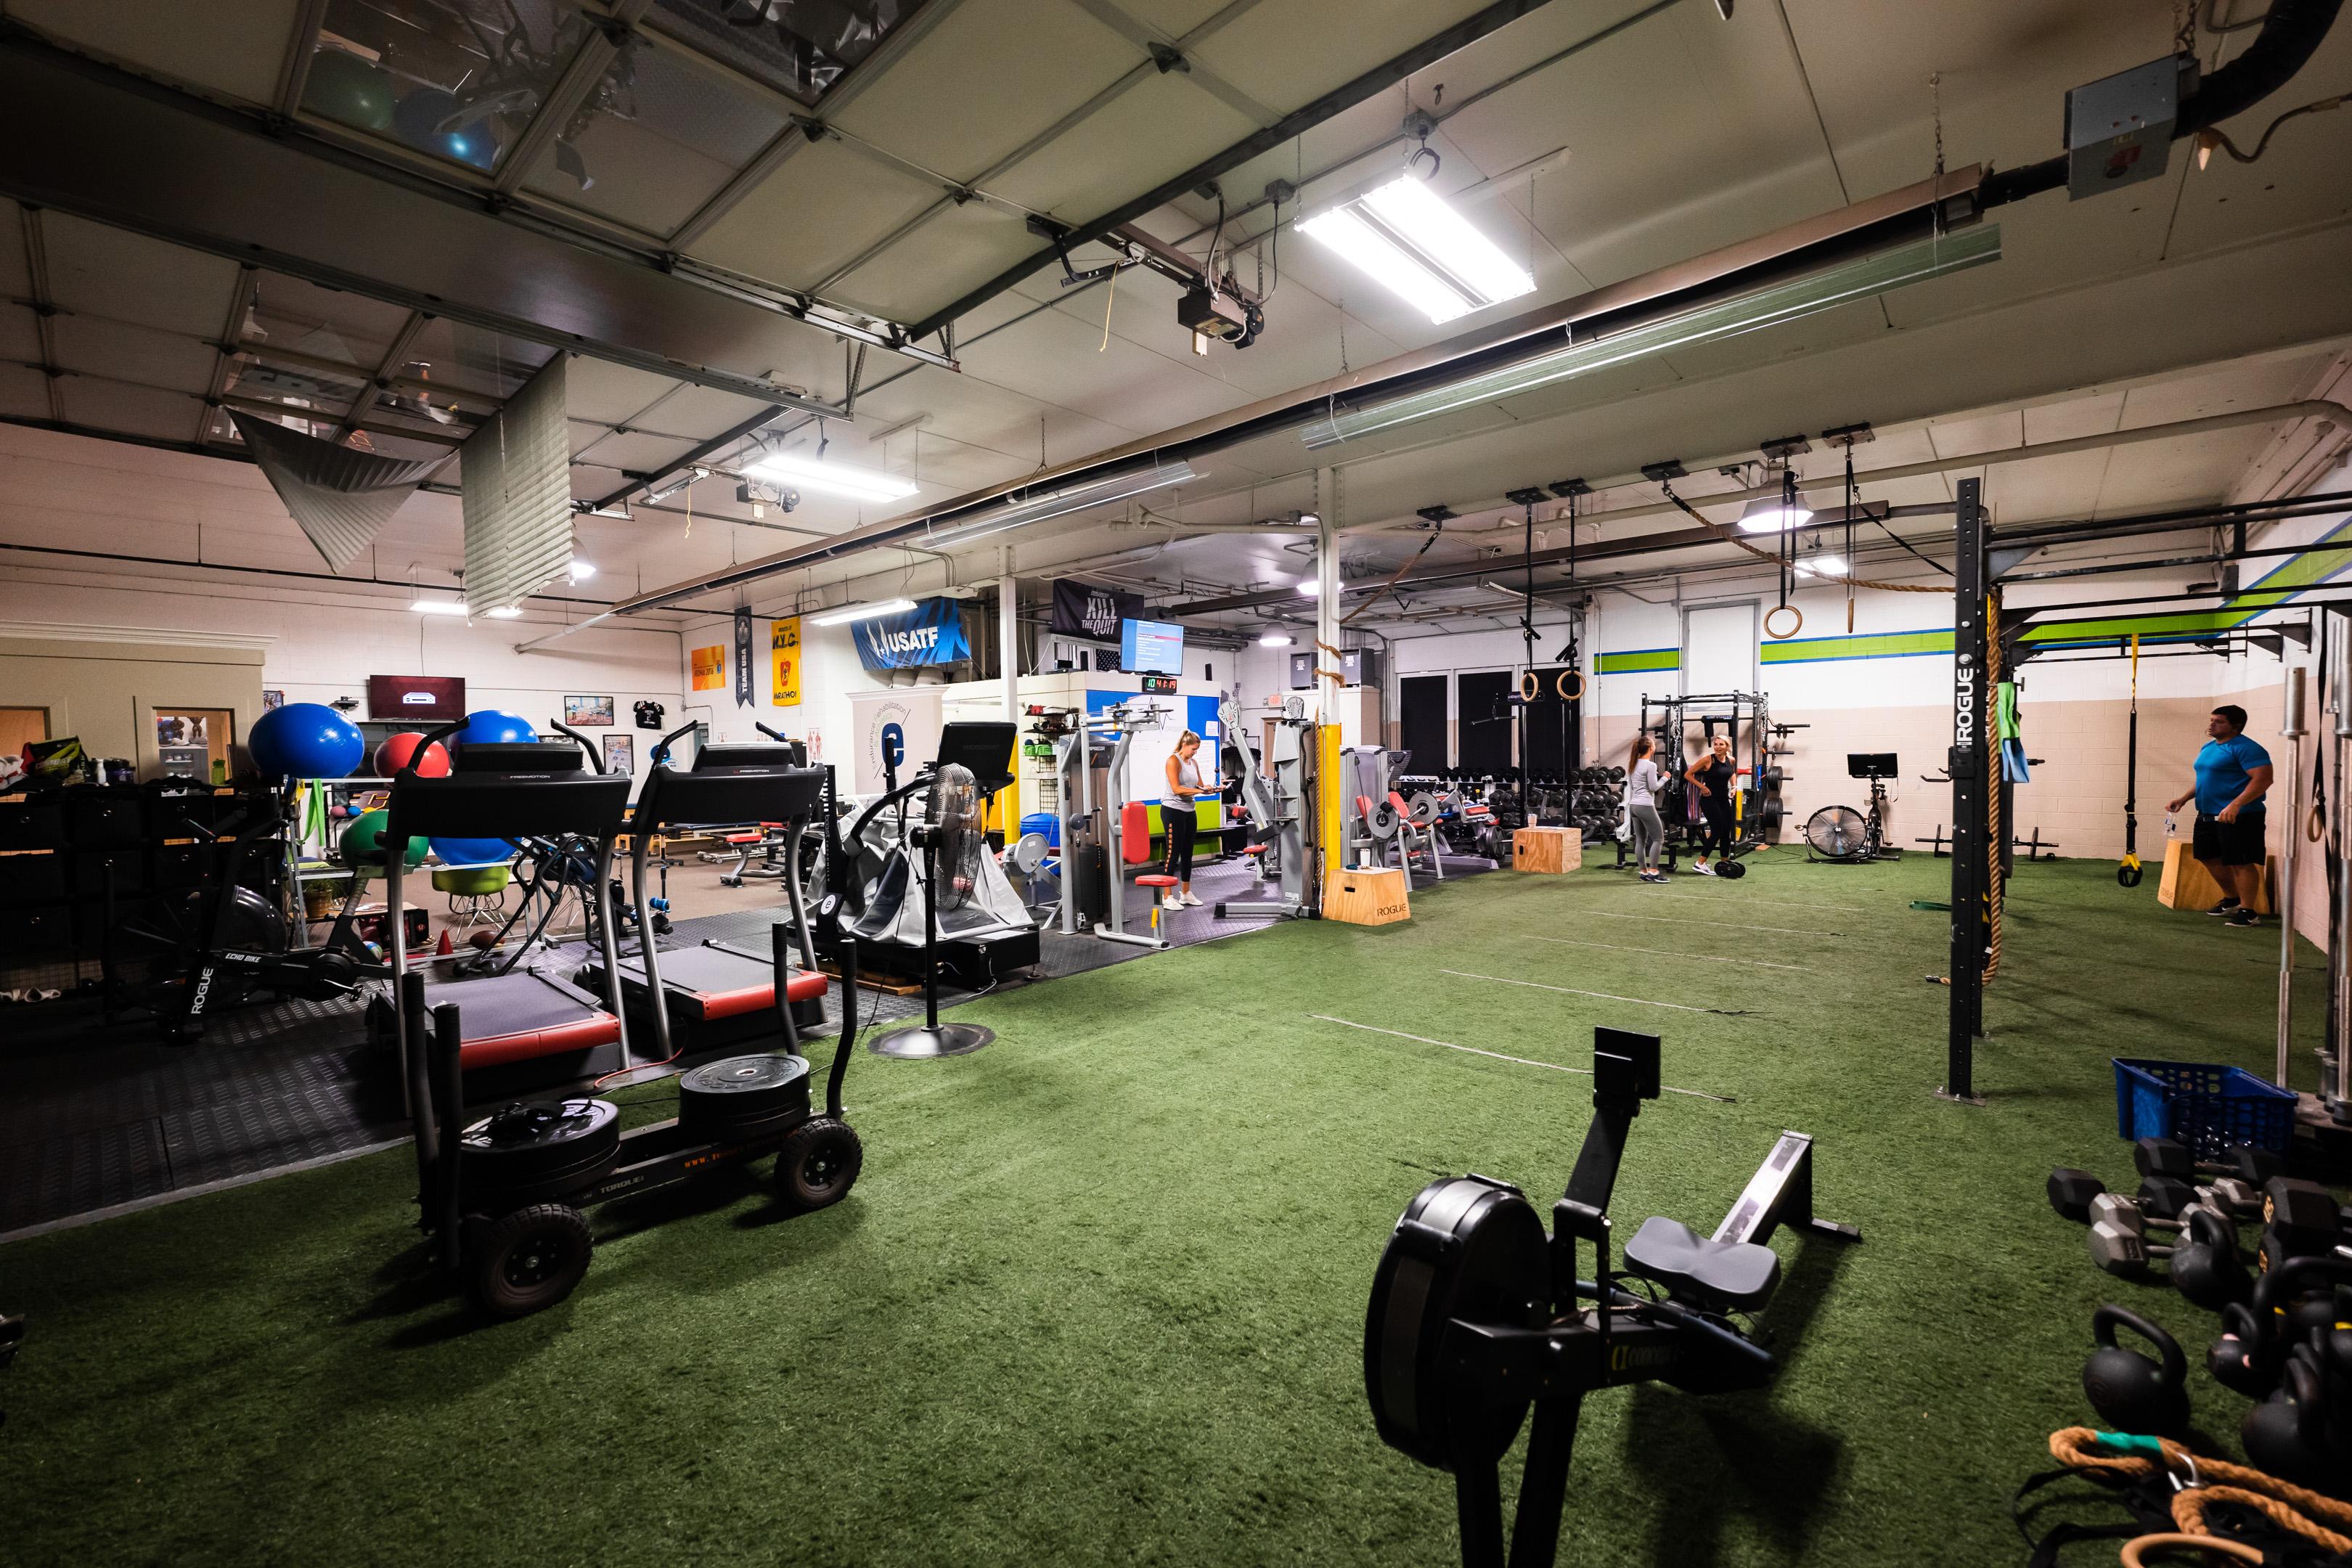 Prevail Grand Rapids gym located in Ada, Michigan